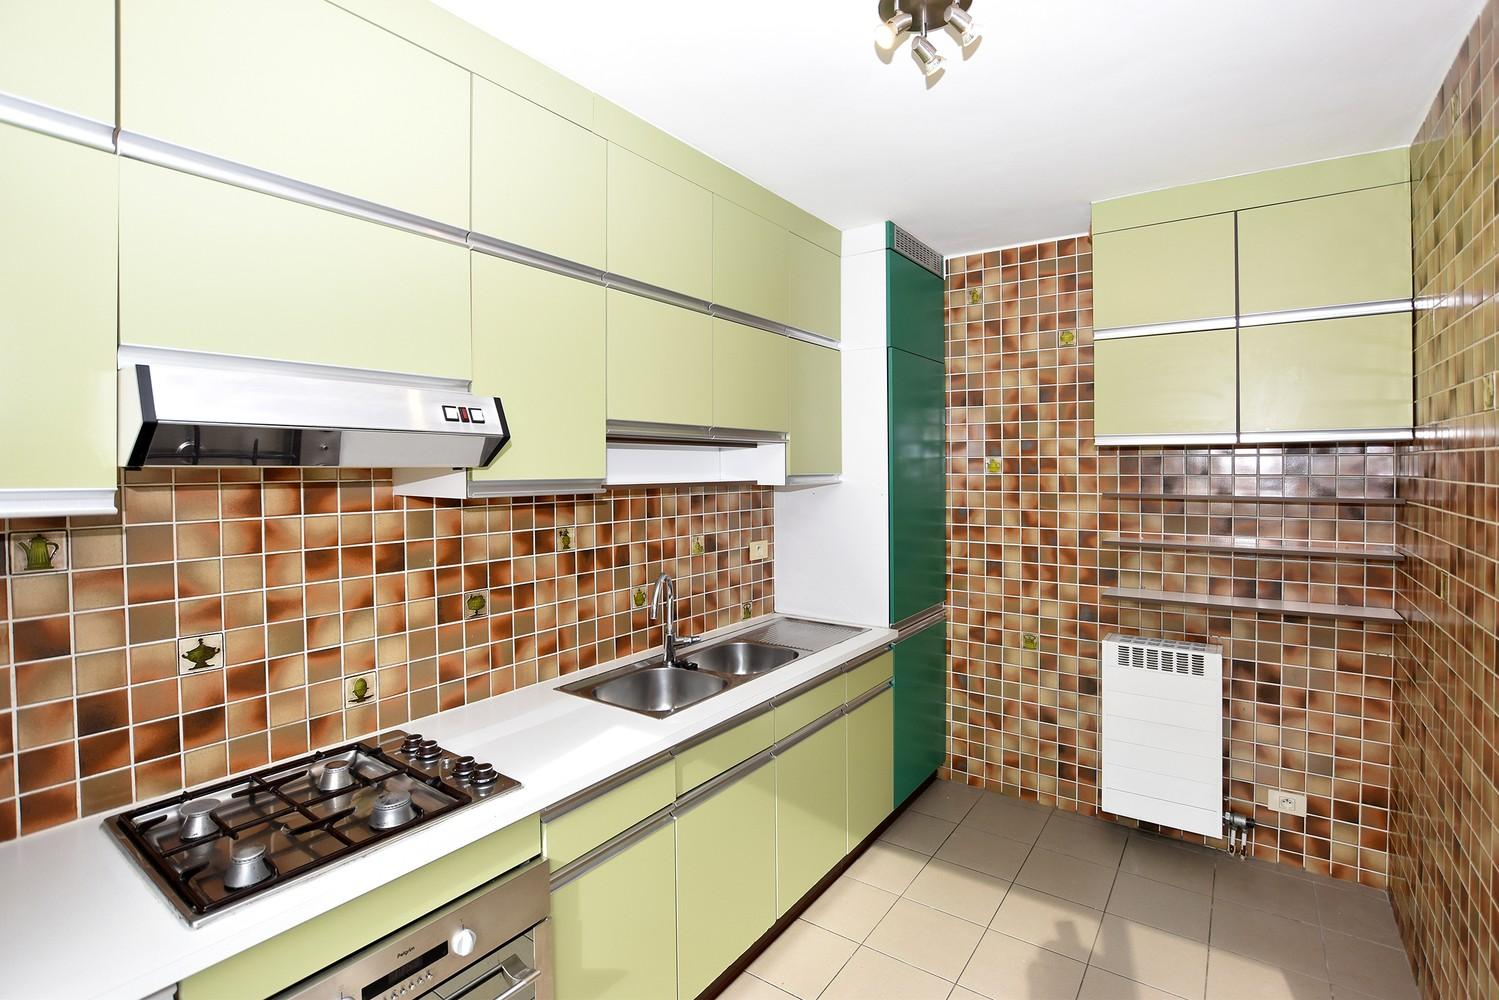 Gunstig gelegen en zeer verzorgd appartement met drie slaapkamers en terras te Wijnegem. afbeelding 3